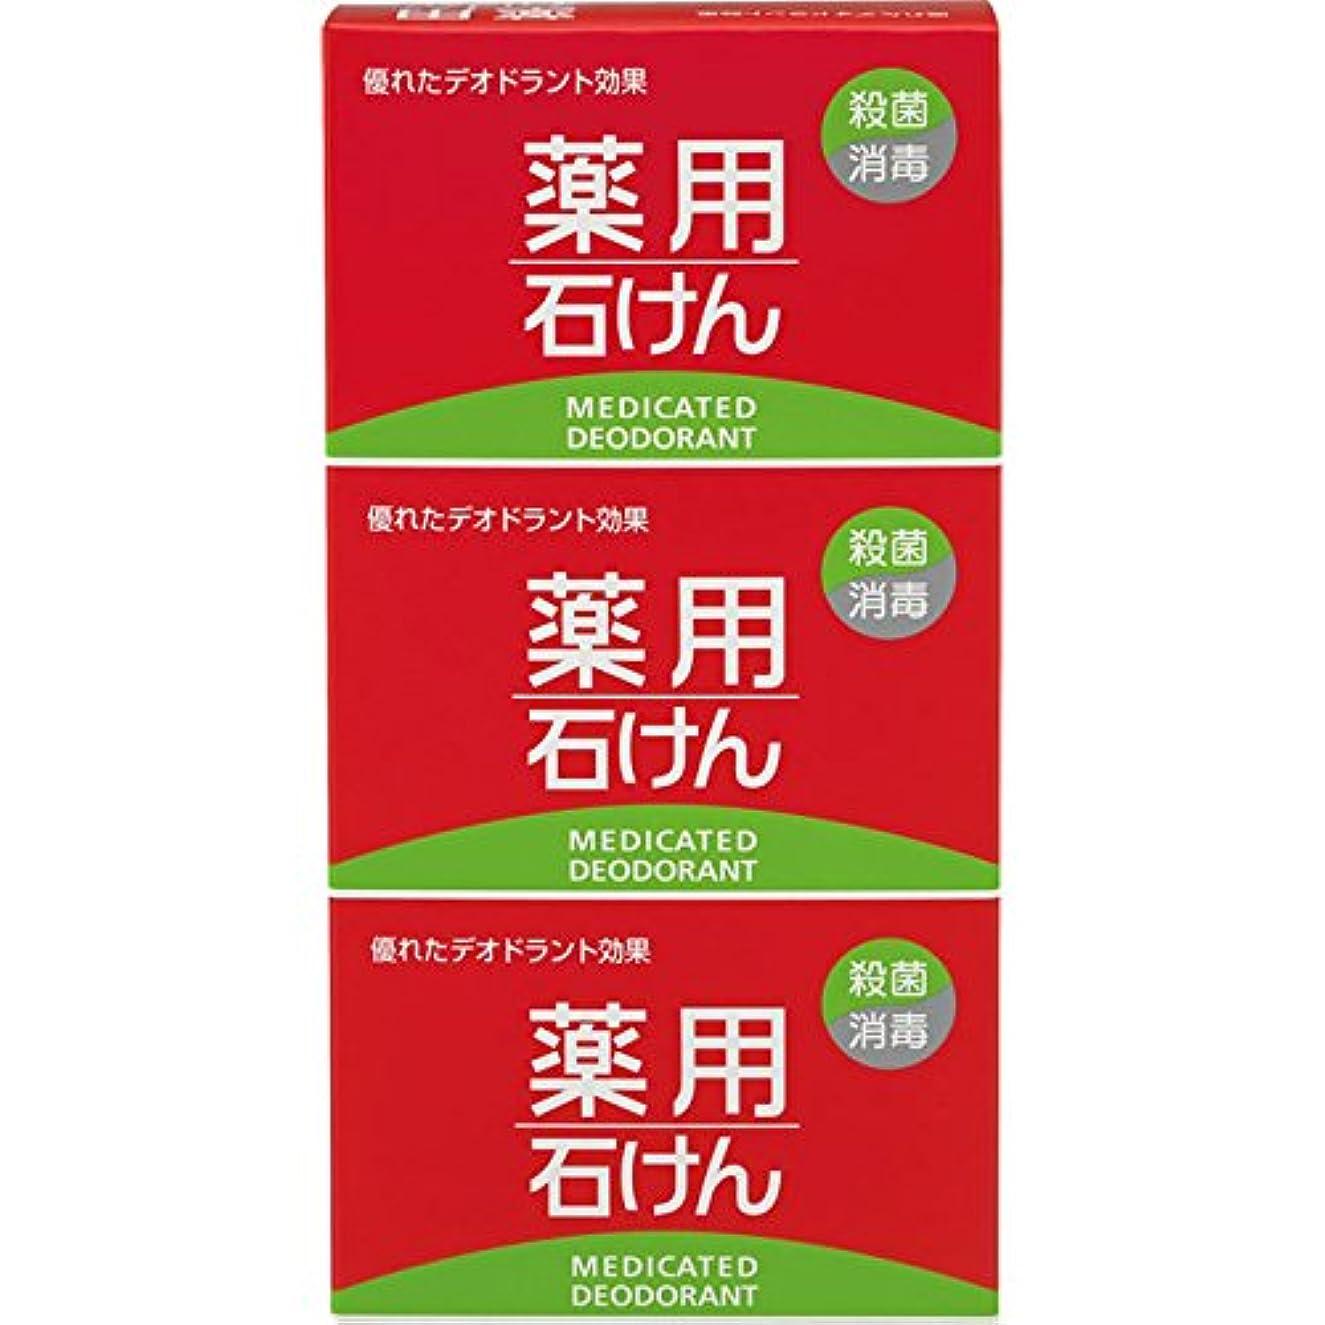 昇進請求書メディア熊野油脂 薬用石けん 100g×3個 (医薬部外品)